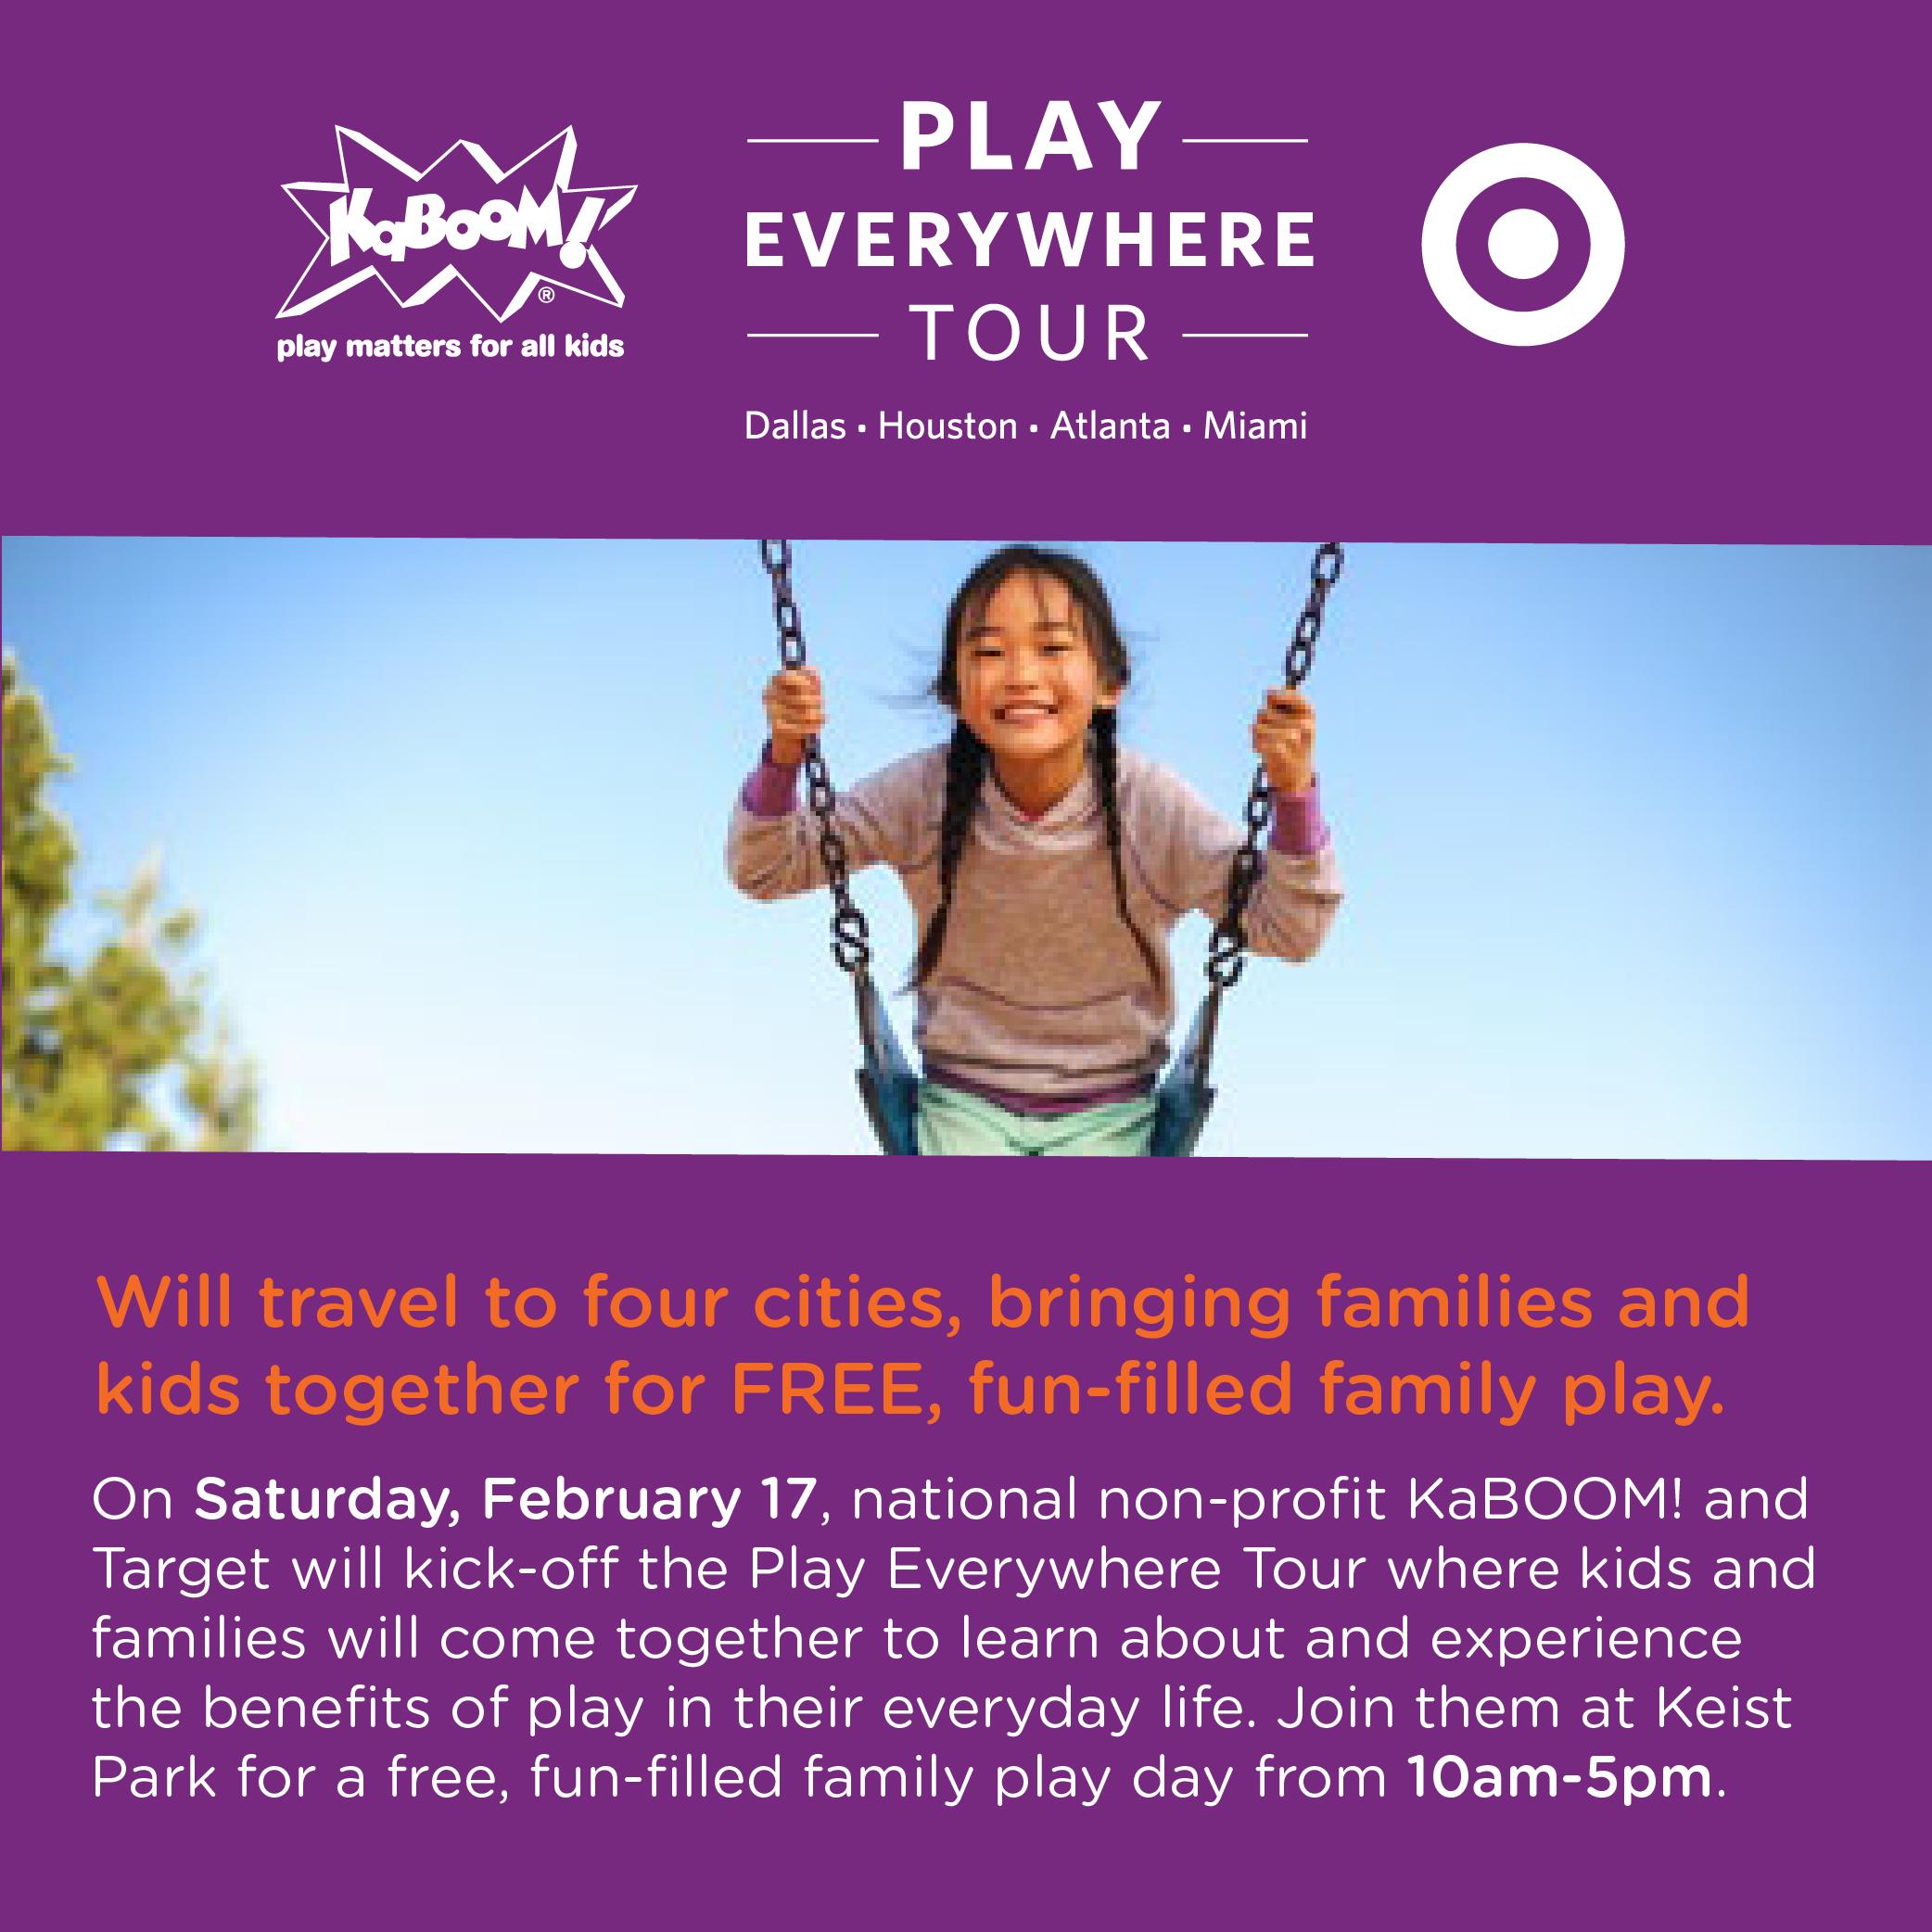 KaBoom, Play Everywhere Tour 2018